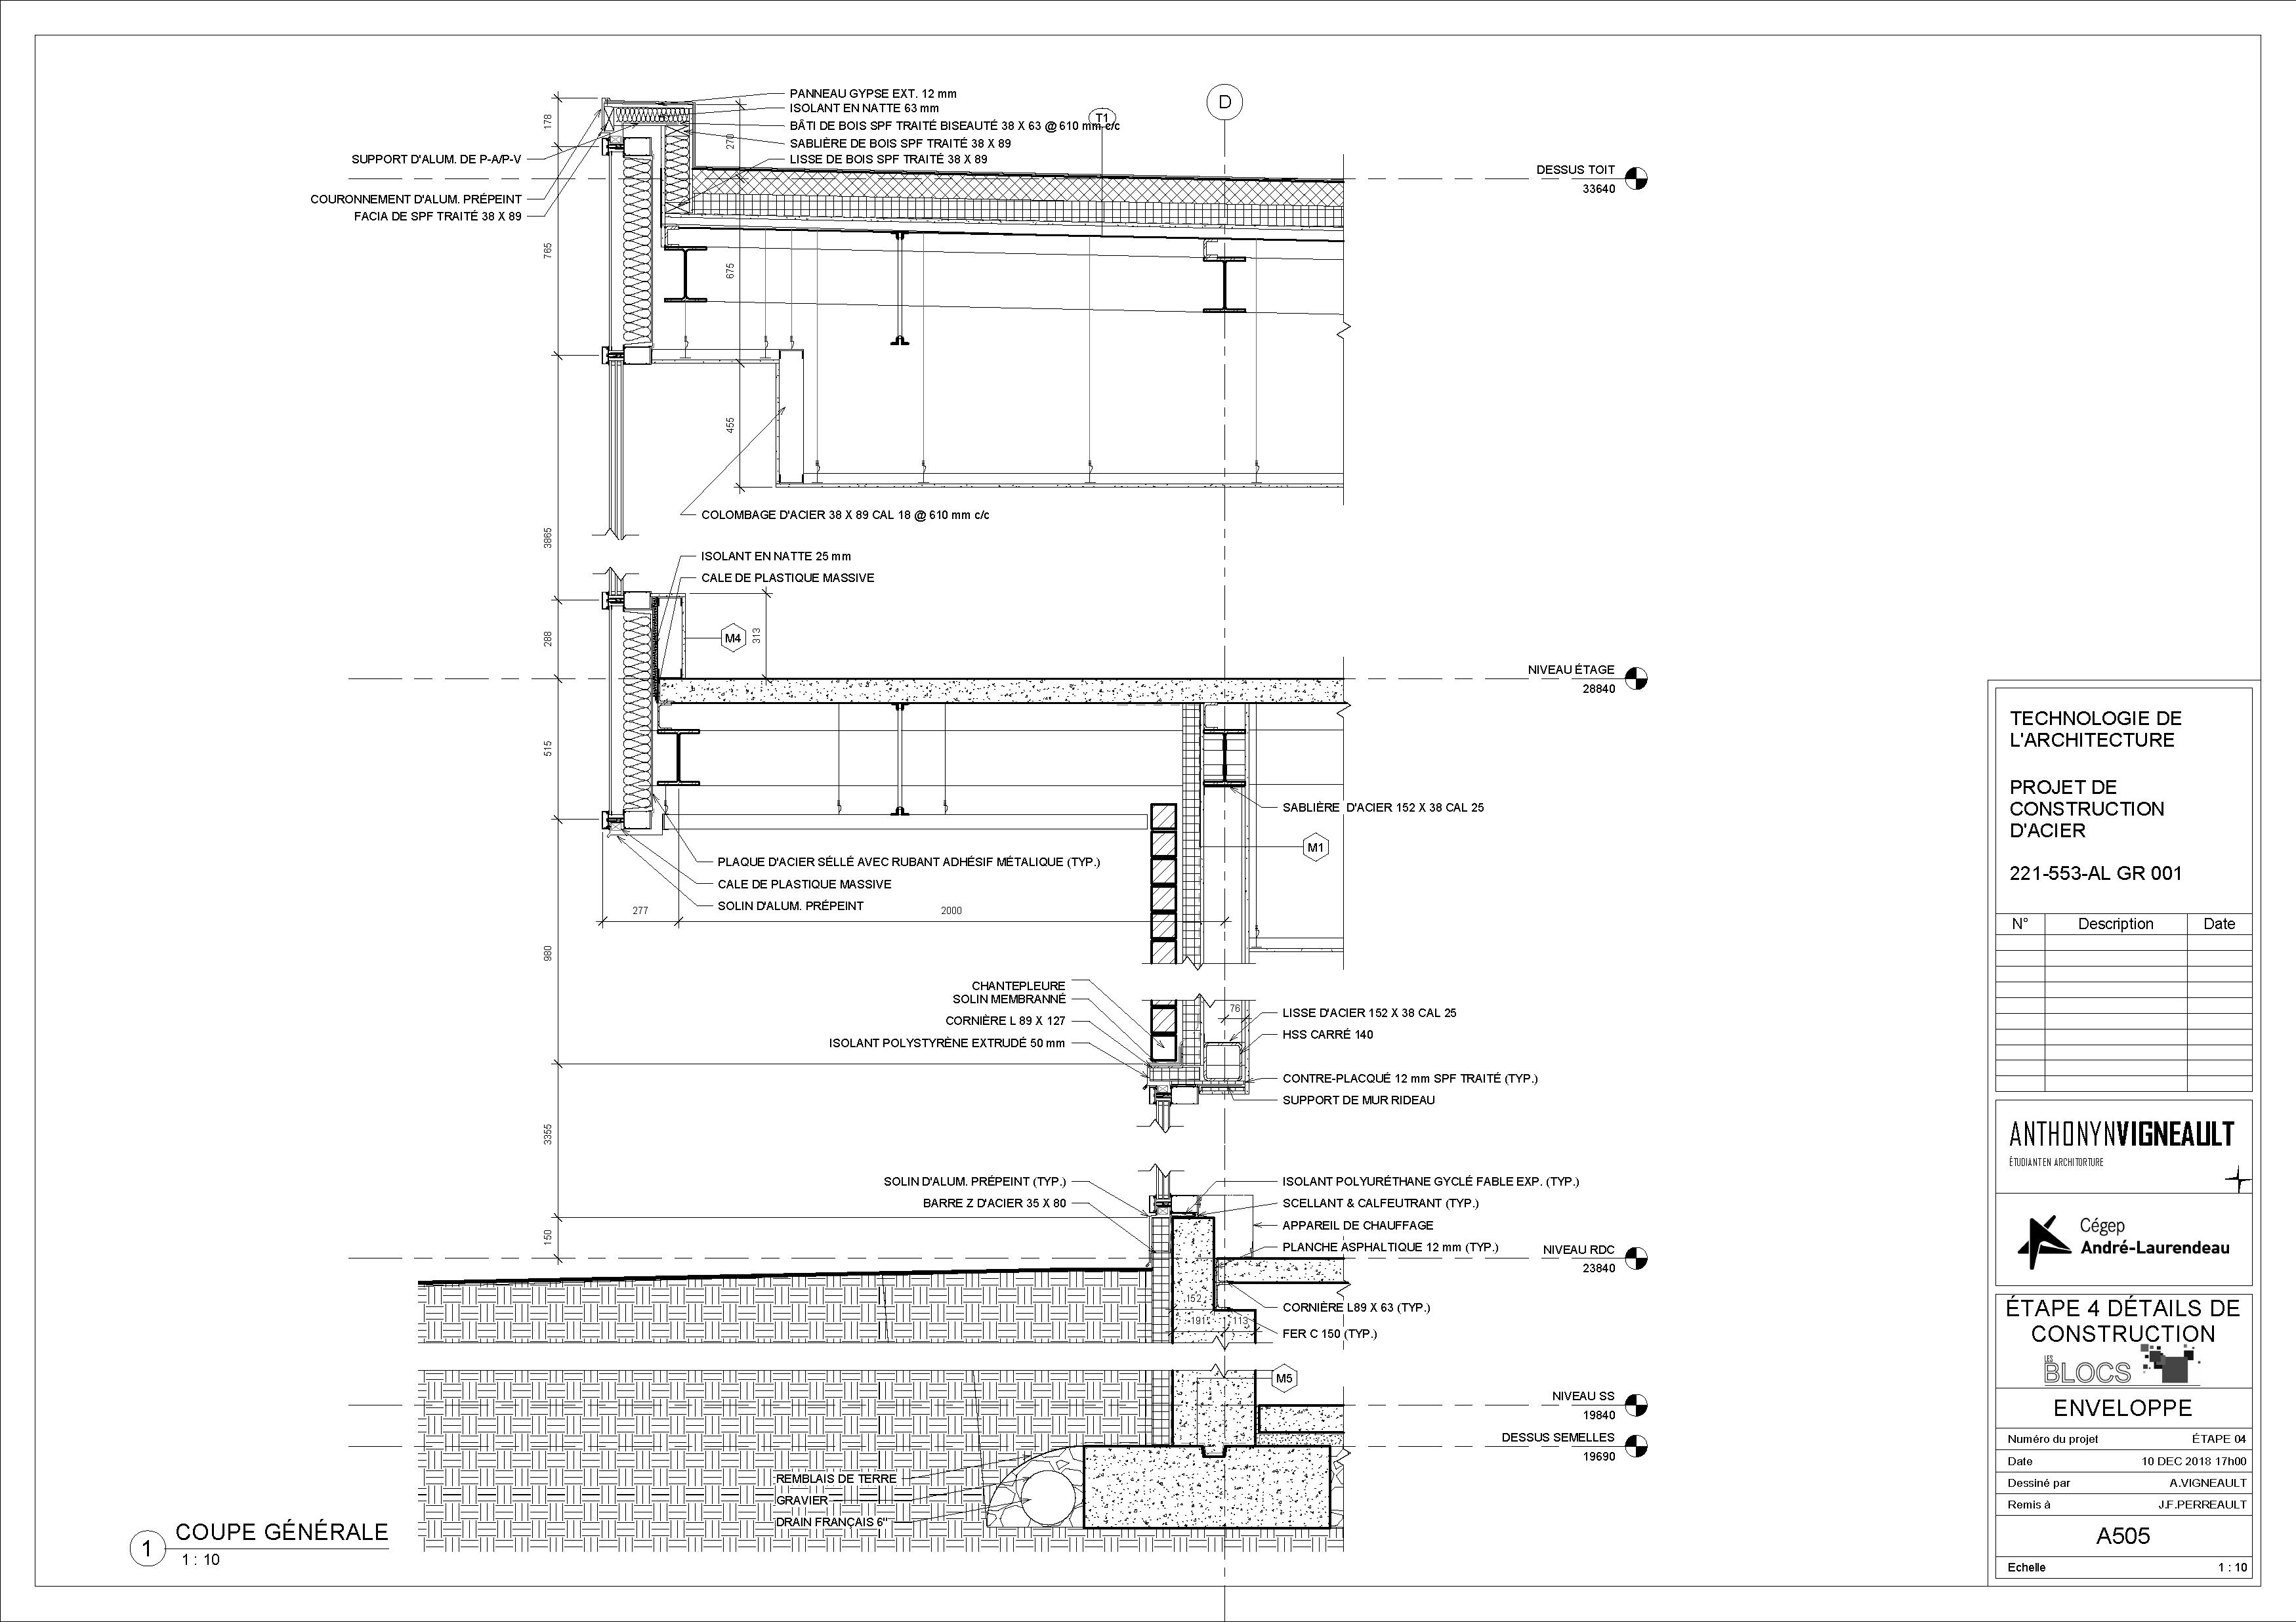 ANTHONYN_VIGNEAULT_TP4_GR01-6.jpg